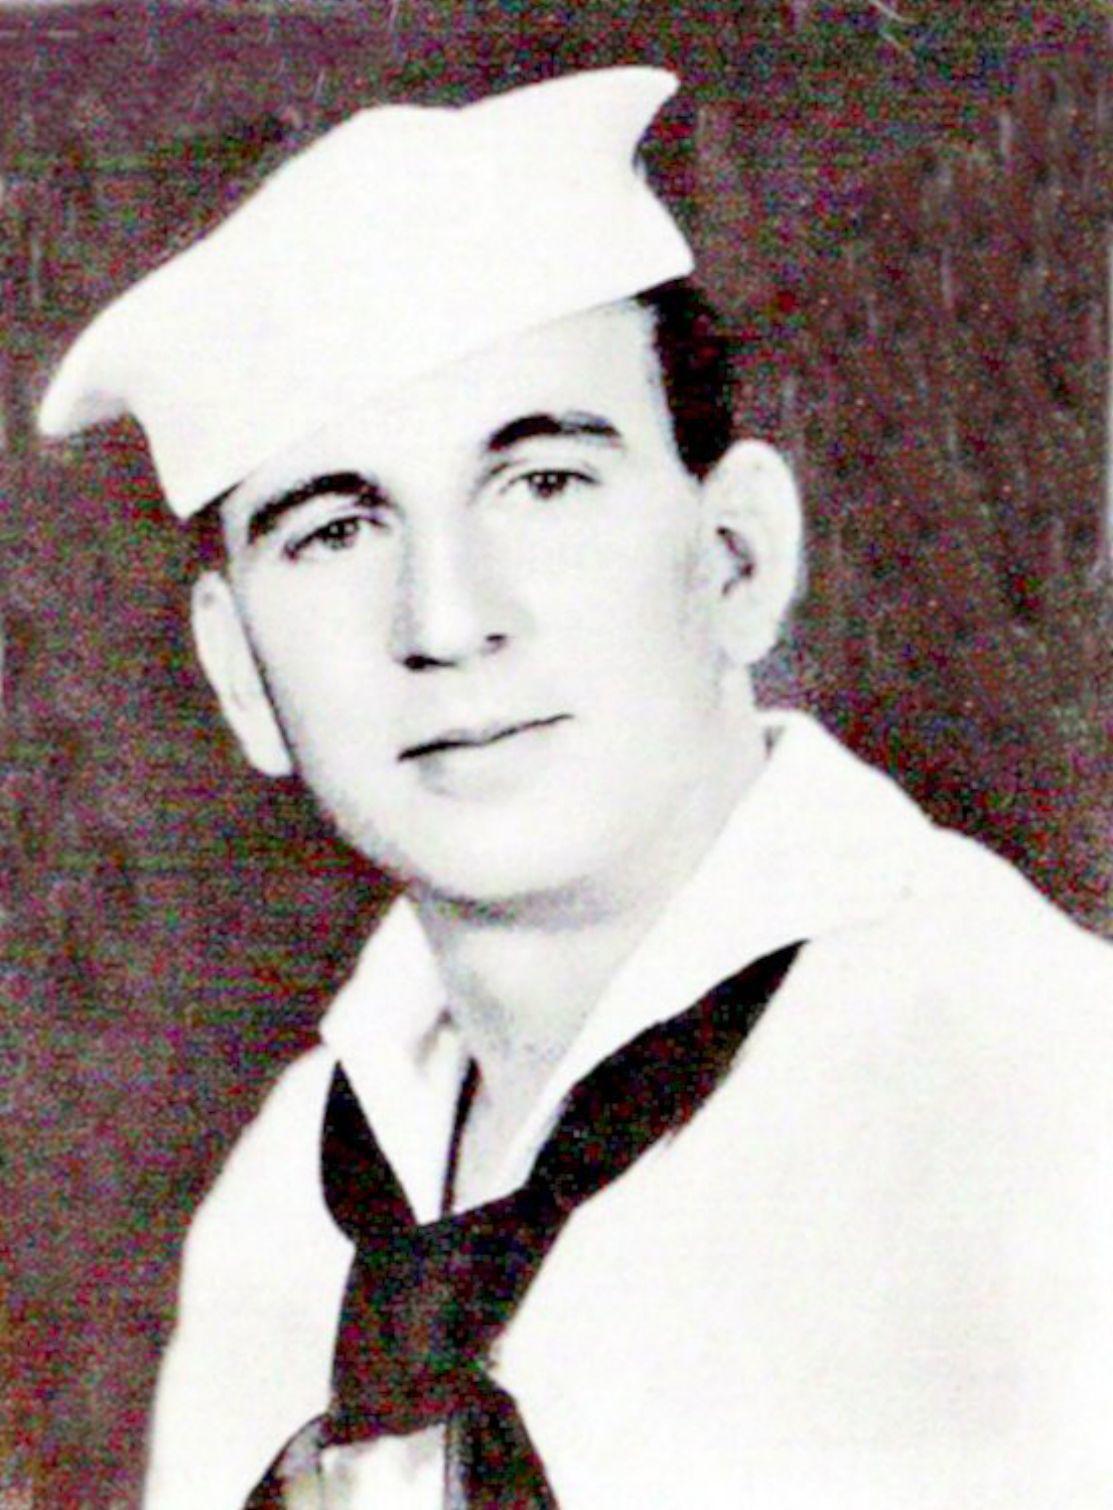 Joseph Rozmus